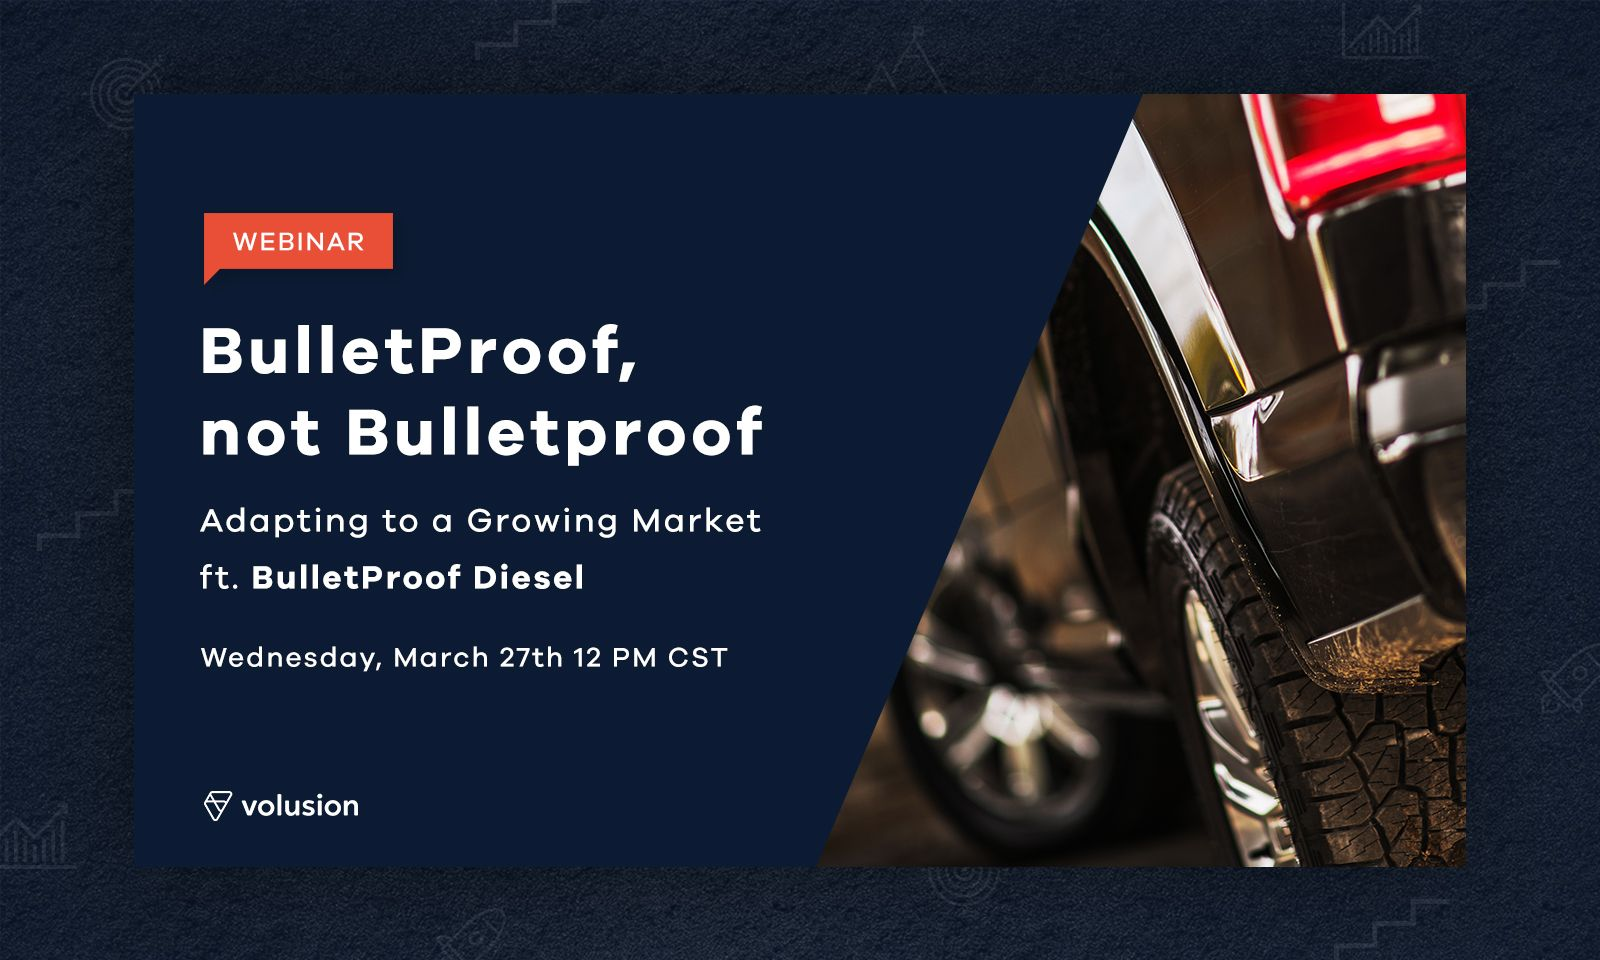 WEBINAR: Adapting to a Growing Market, with BulletProof Diesel